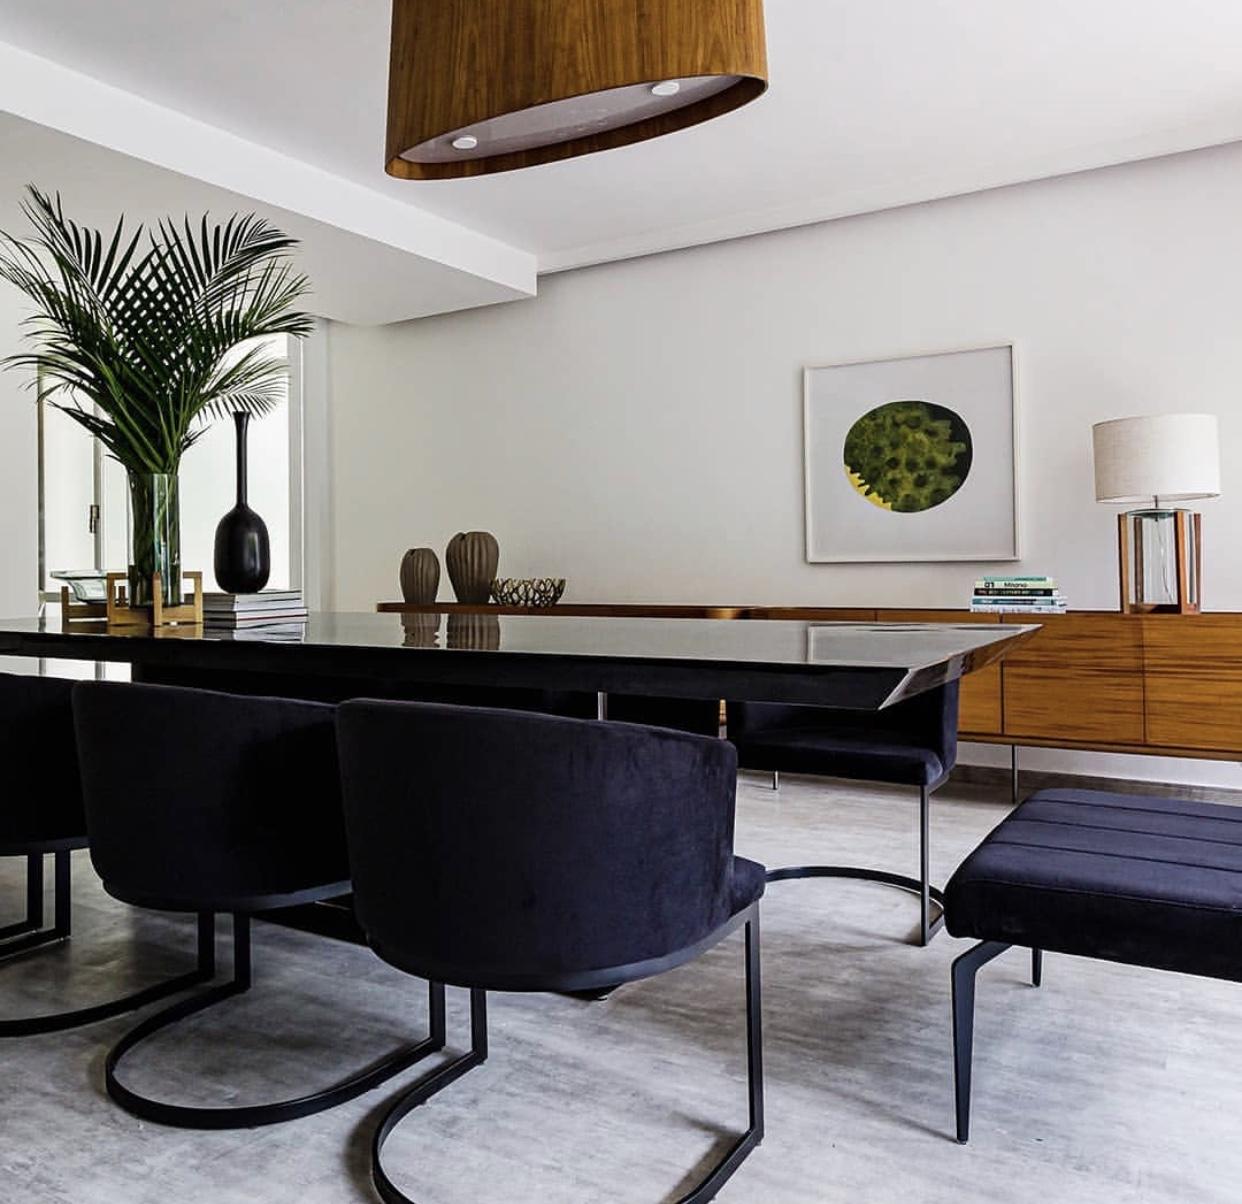 sala com piso que imita cimento queimado e moveis pretos Piso Laminado Gran Elegance Concreto Rodapé Estilo 7 cm